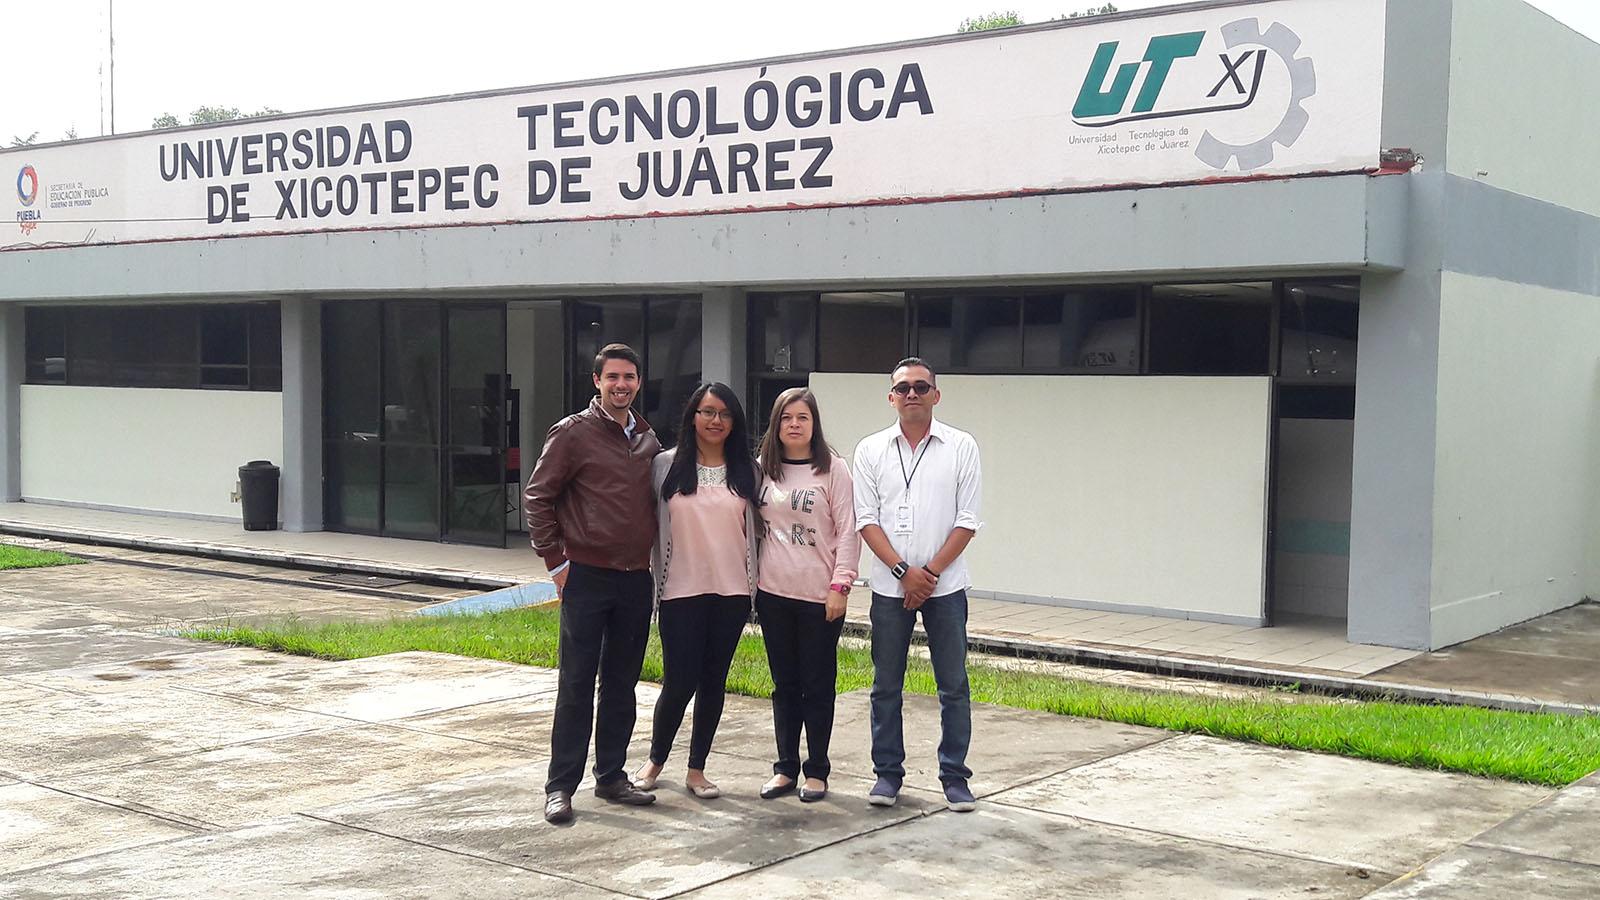 Beca de Movilidad Internacional, Estudiantes de Universidades Tecnológicas, en Quebec 2017